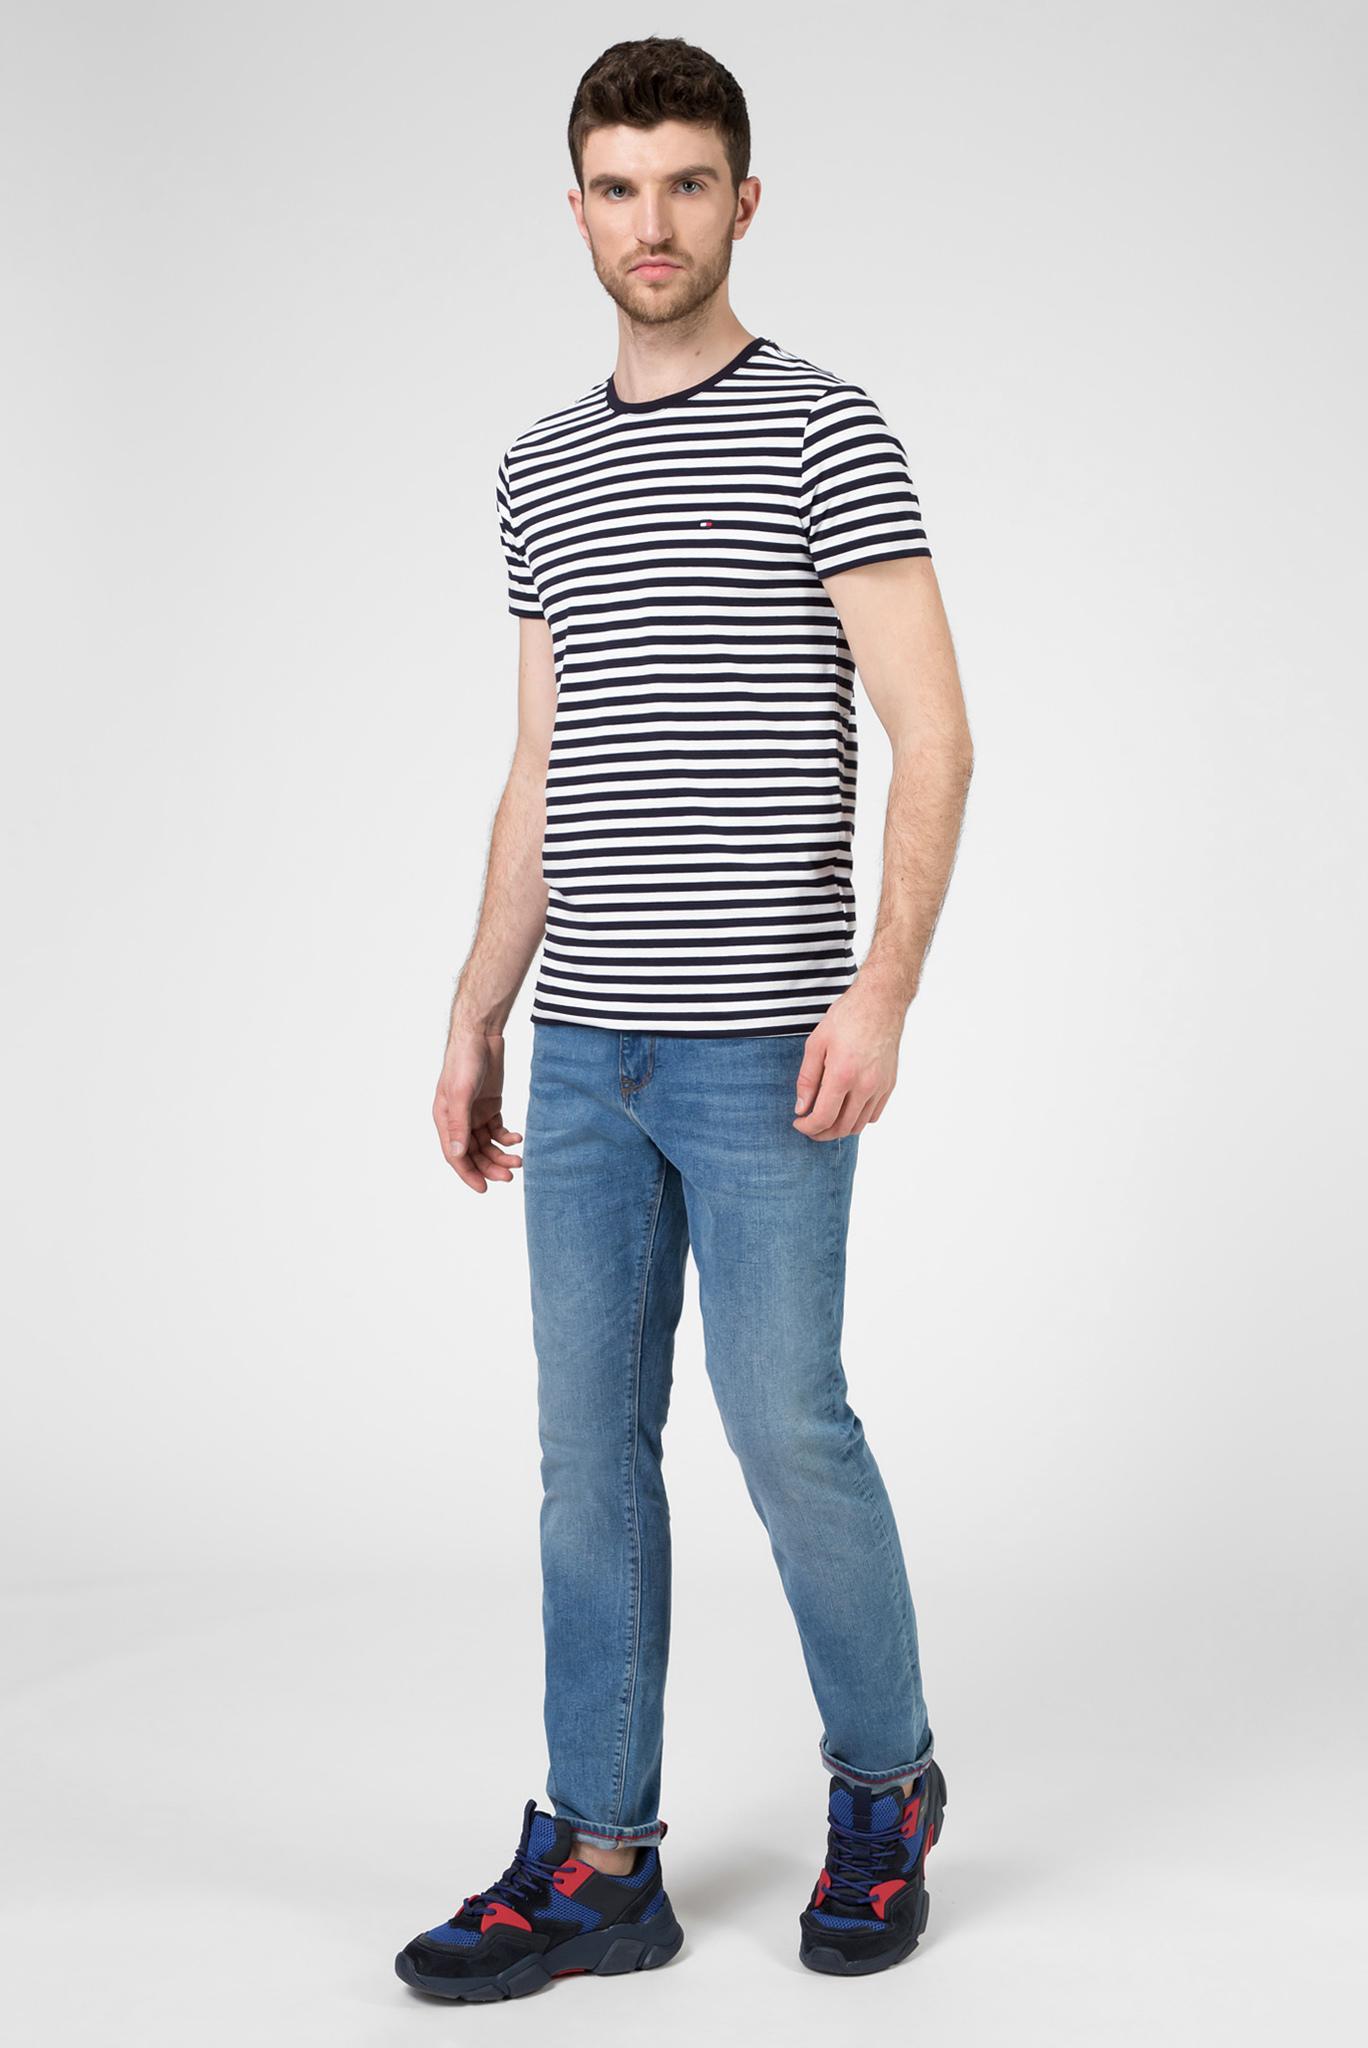 Мужская футболка в полоску STRETCH SLIM FIT Tommy Hilfiger